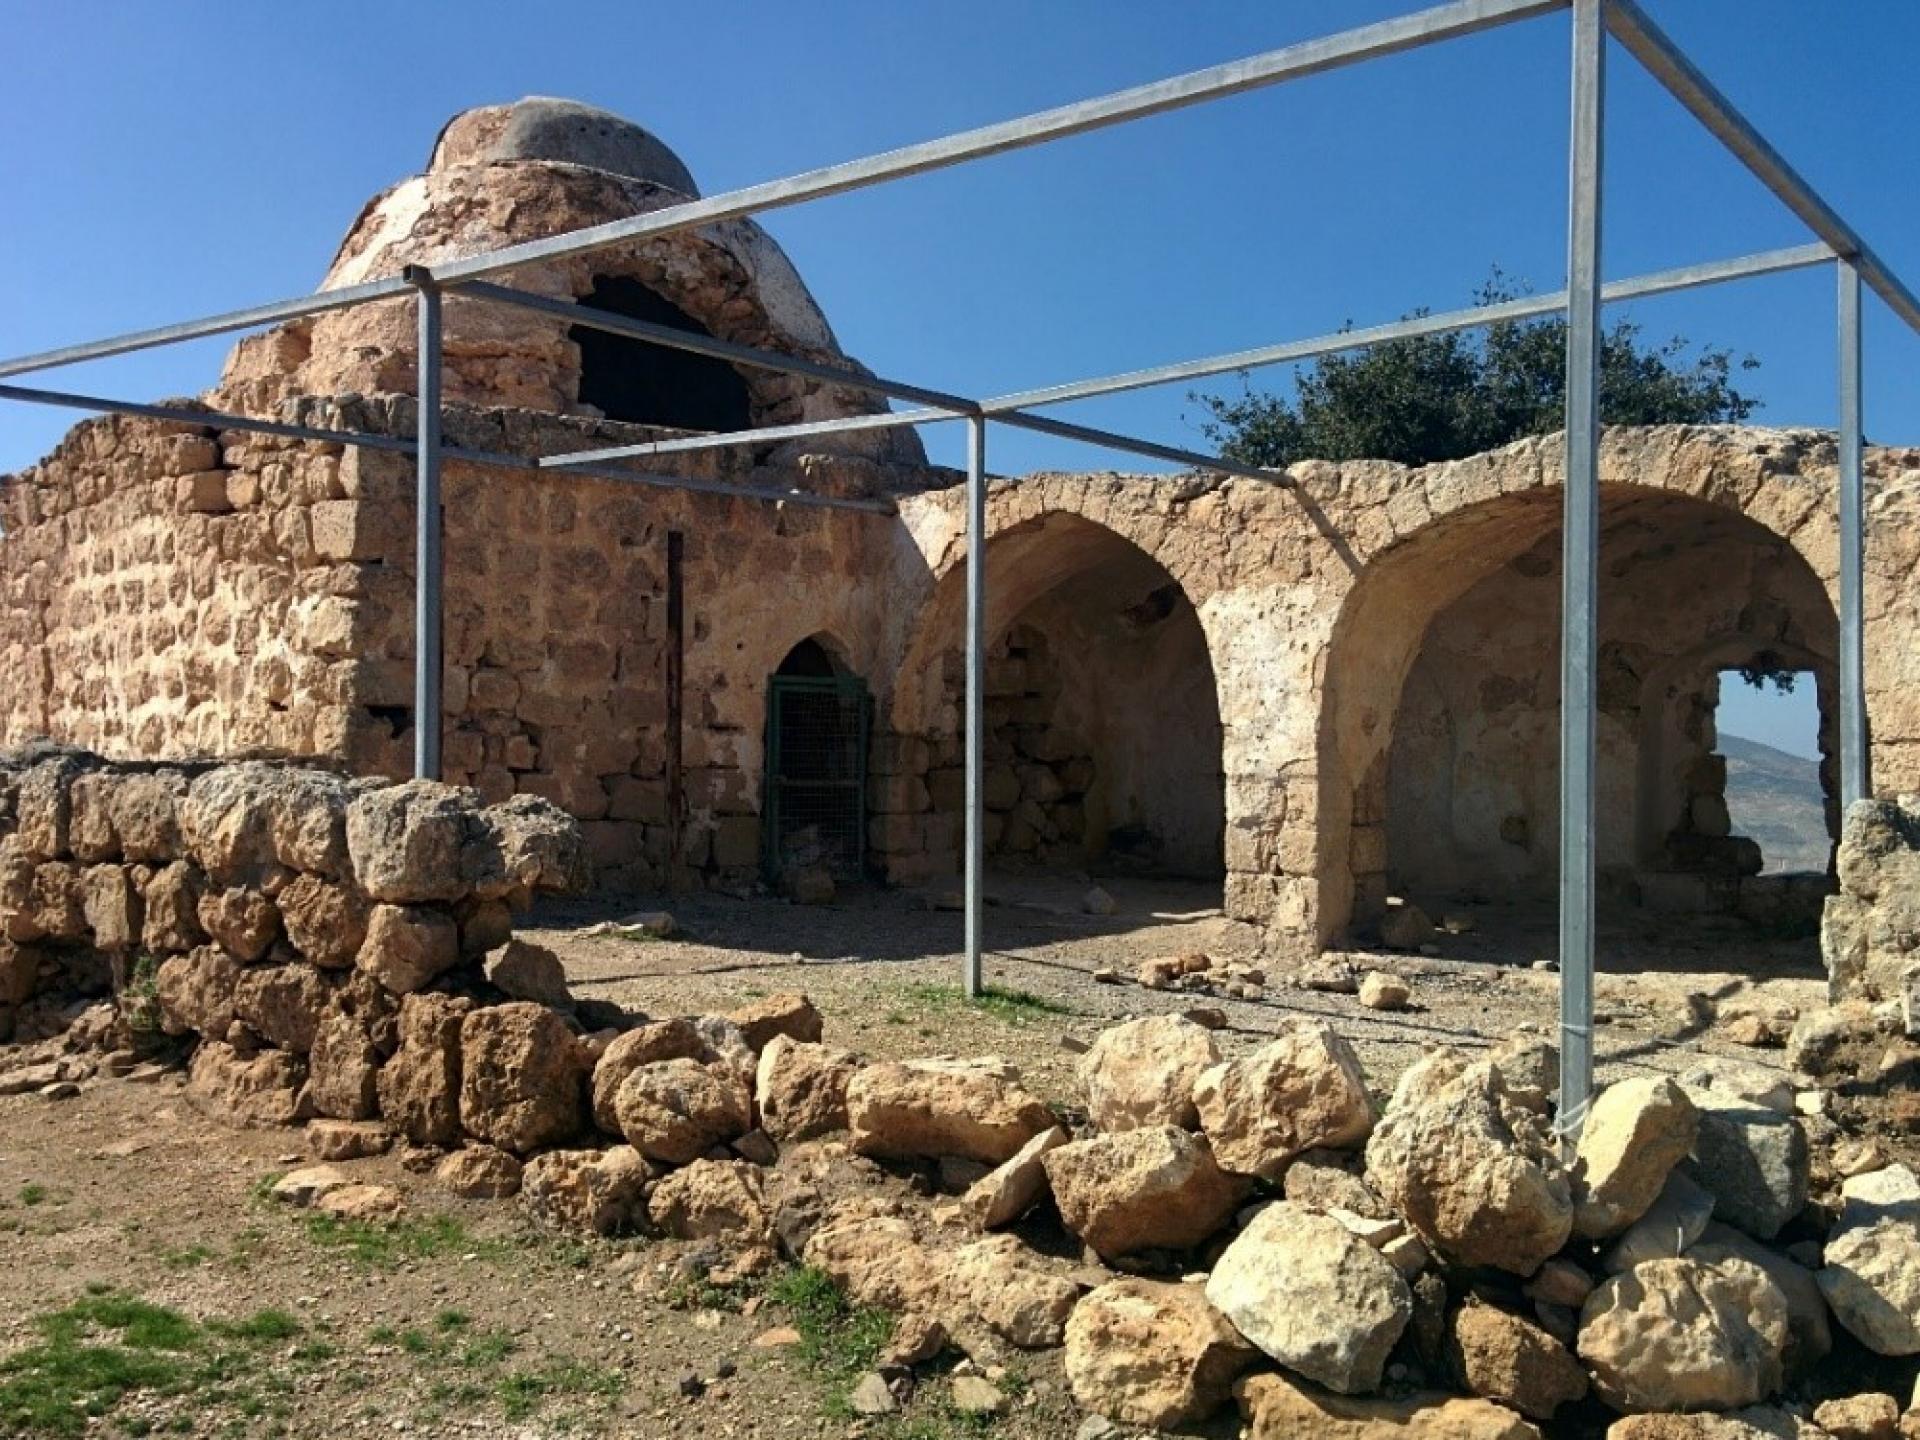 מקאם שיח' בילאל: אתר מורשת פלסטינית בן מאות שנים